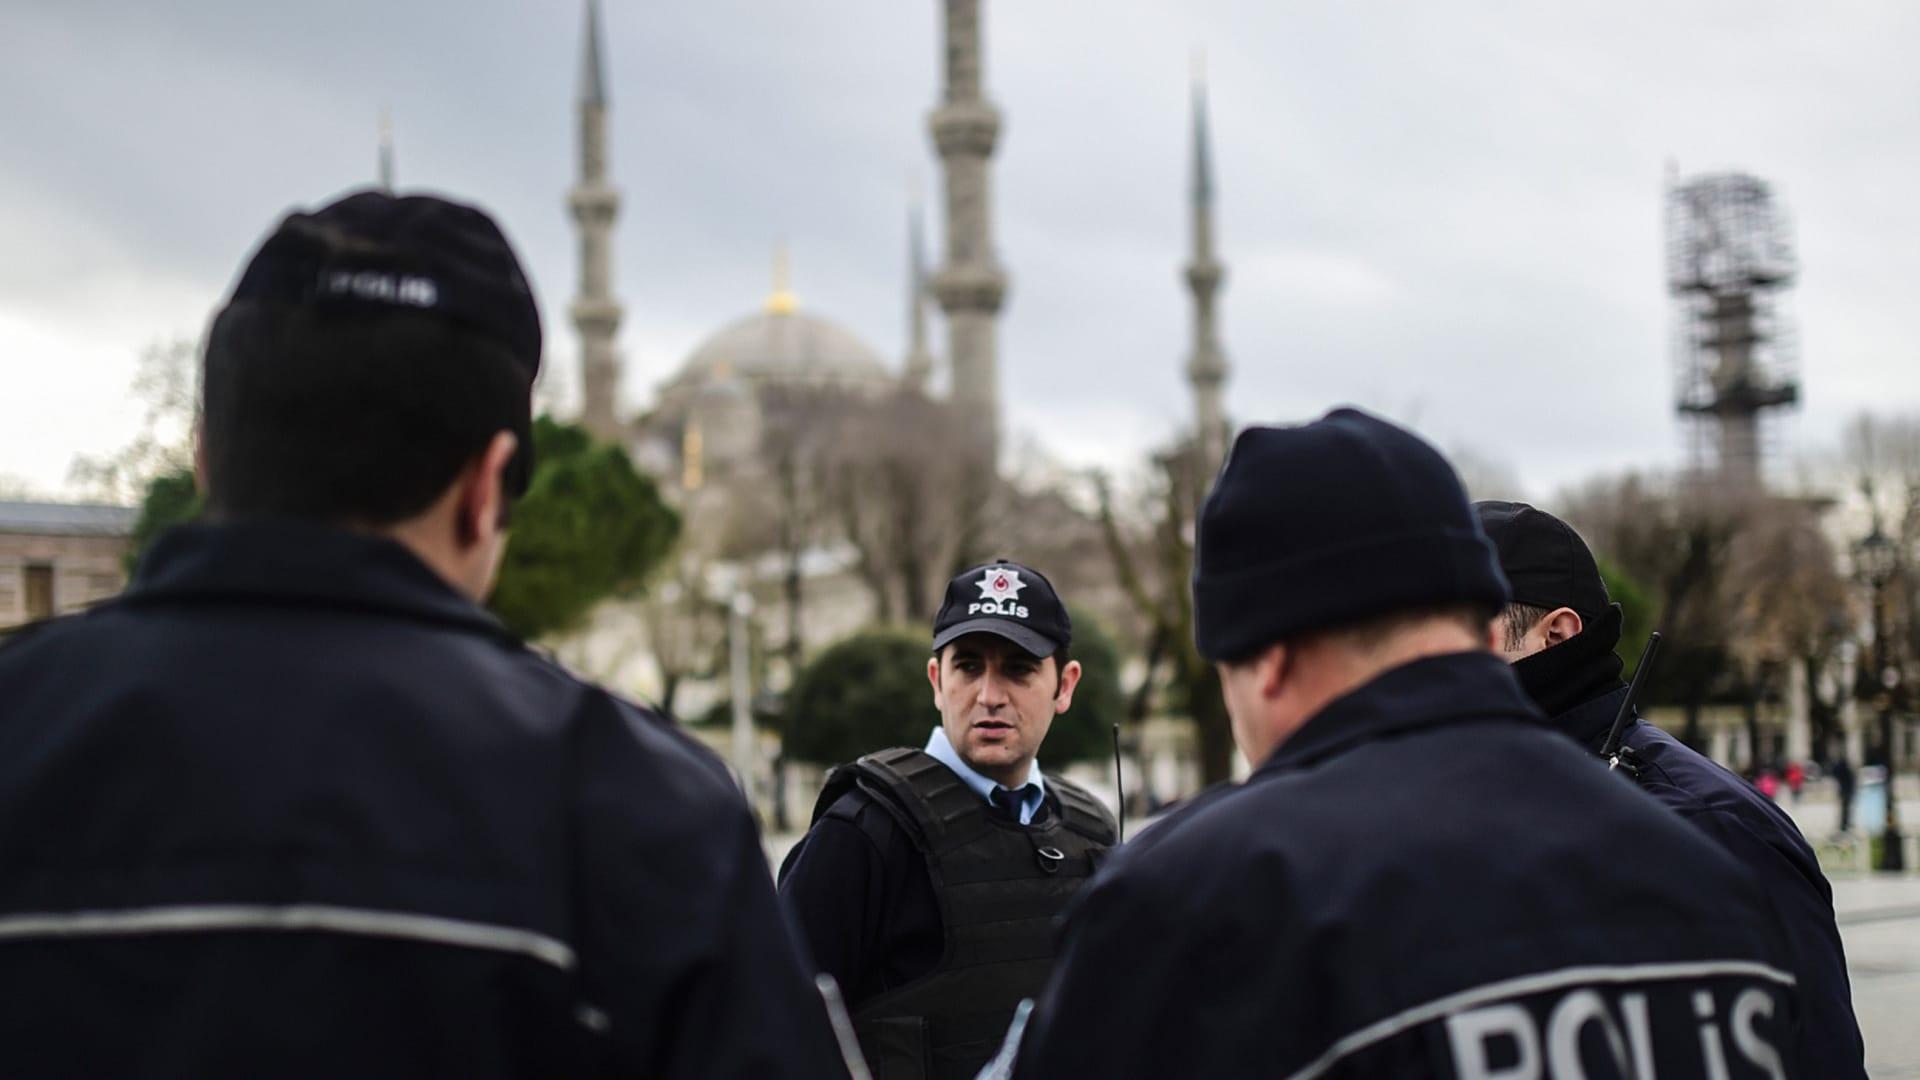 شاهد.. اللحظات الأولى بعد انفجار هز اسطنبول